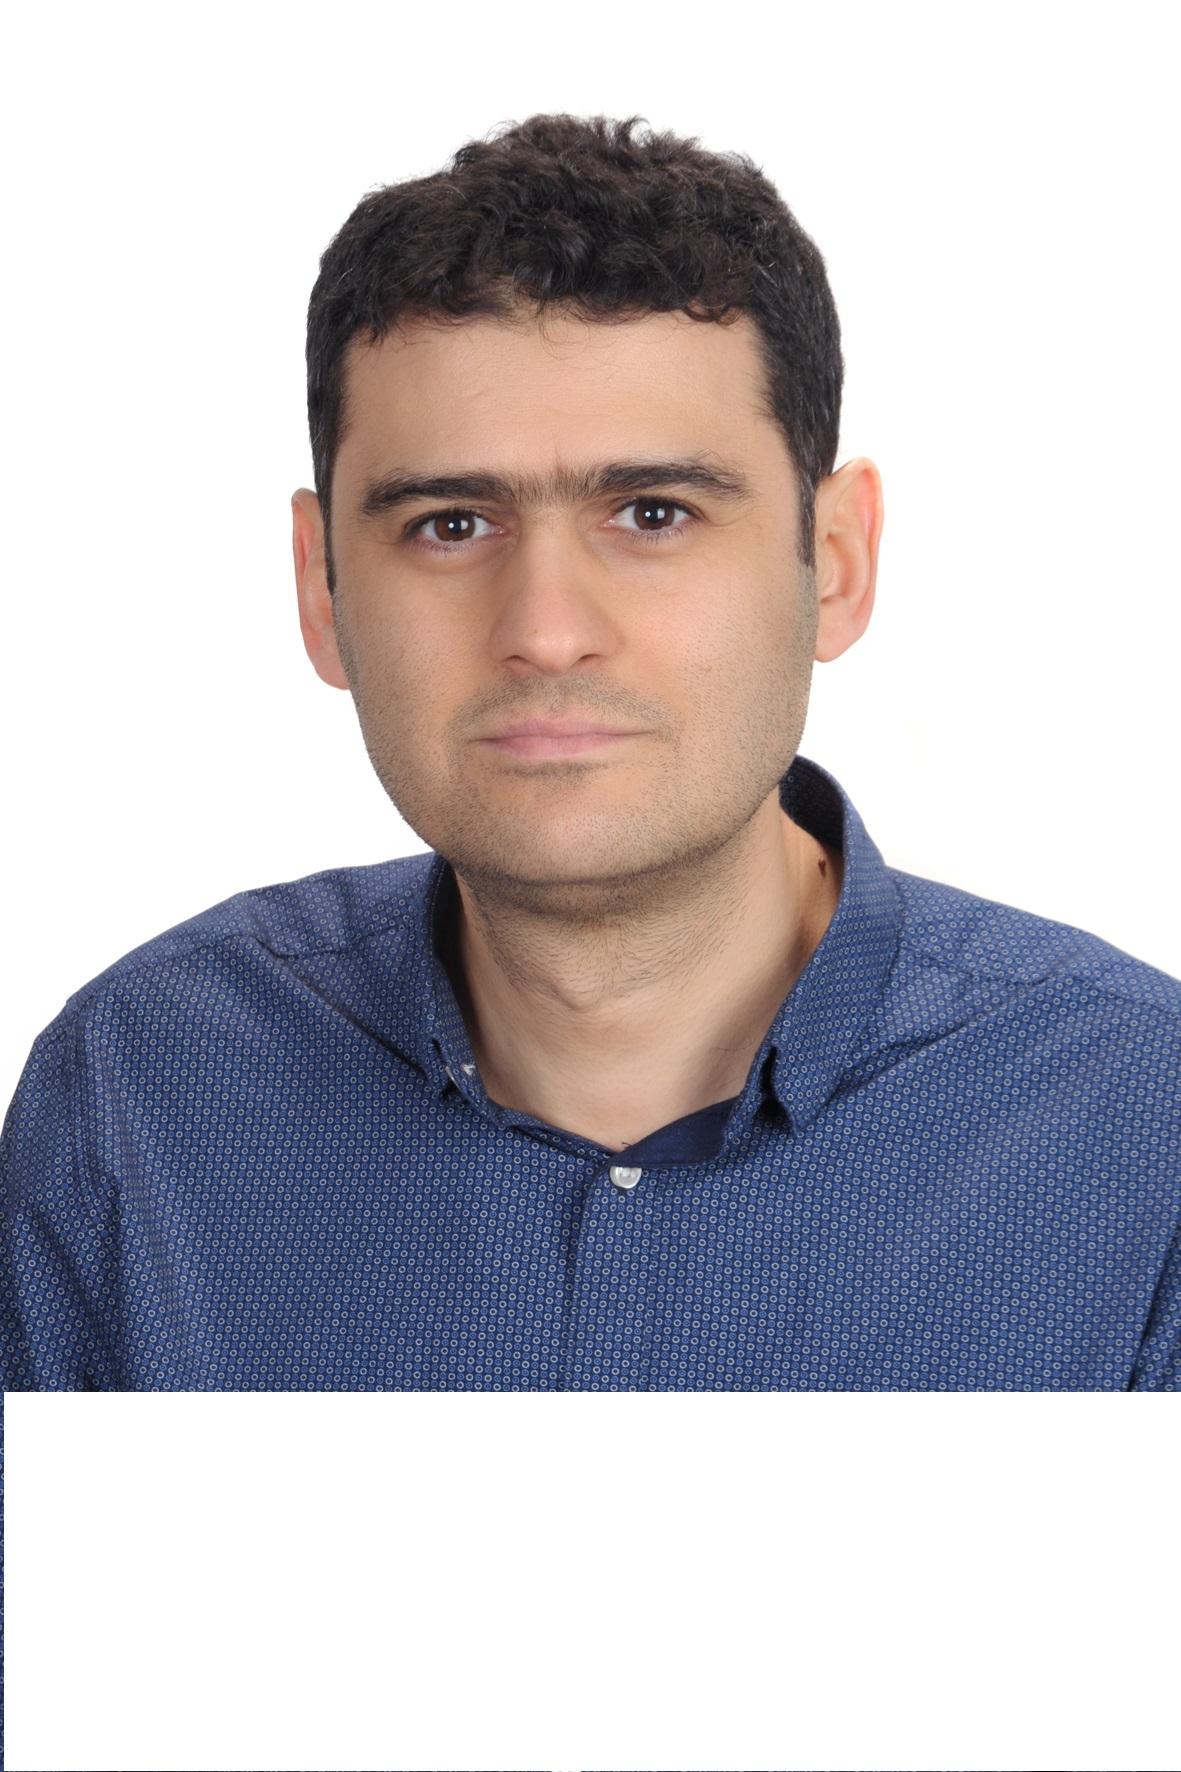 Speaker for International cancer conference - Kerim Aslan